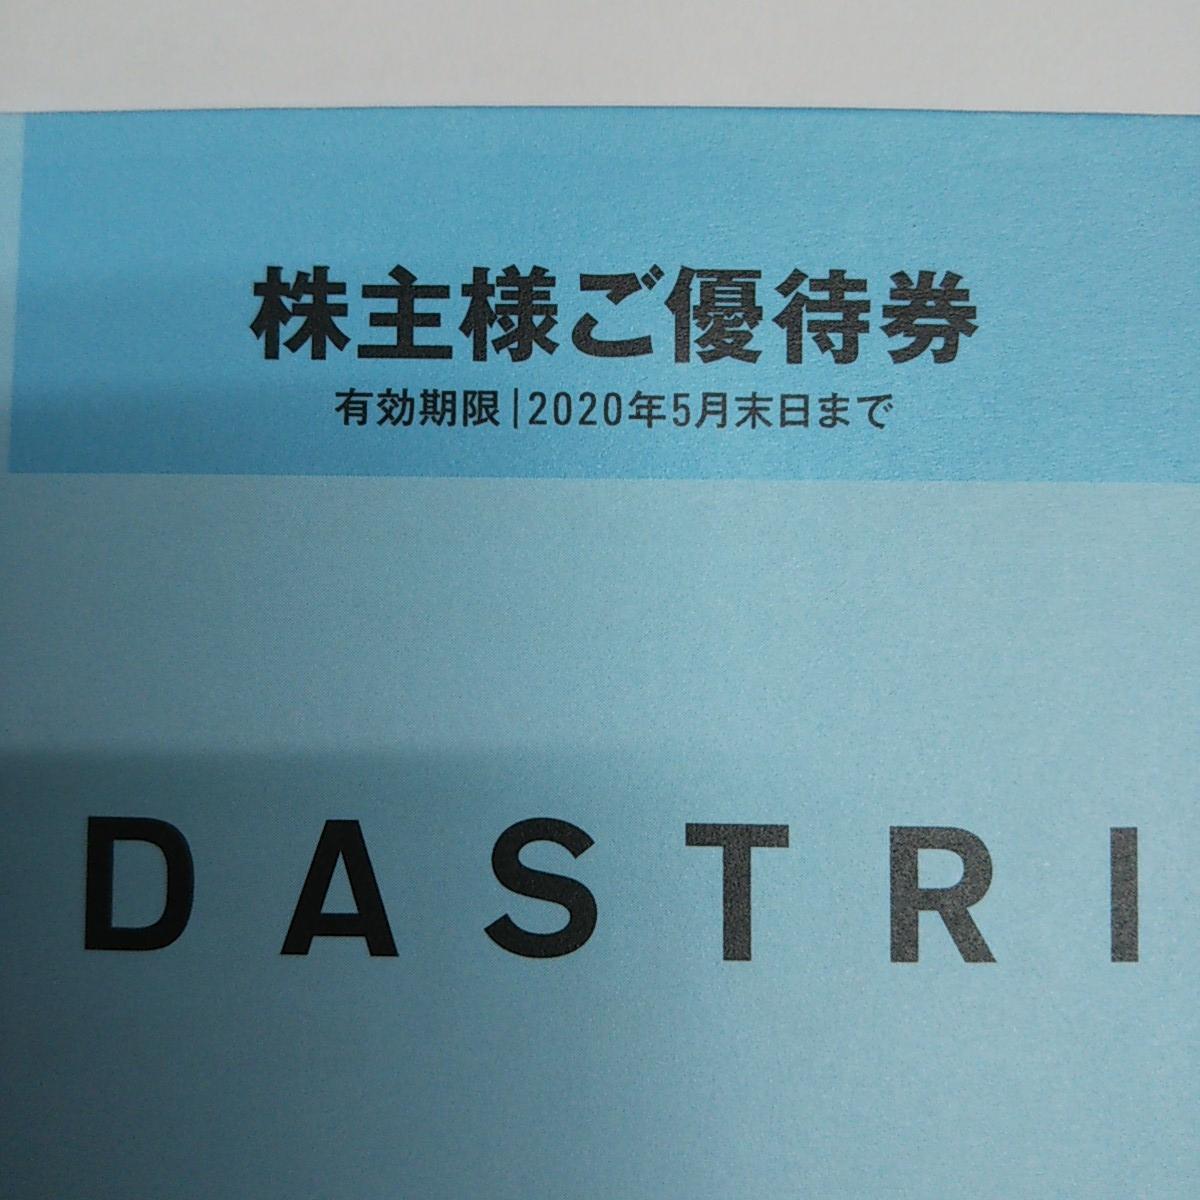 アダストリア株主優待券 1000円×3枚_画像2